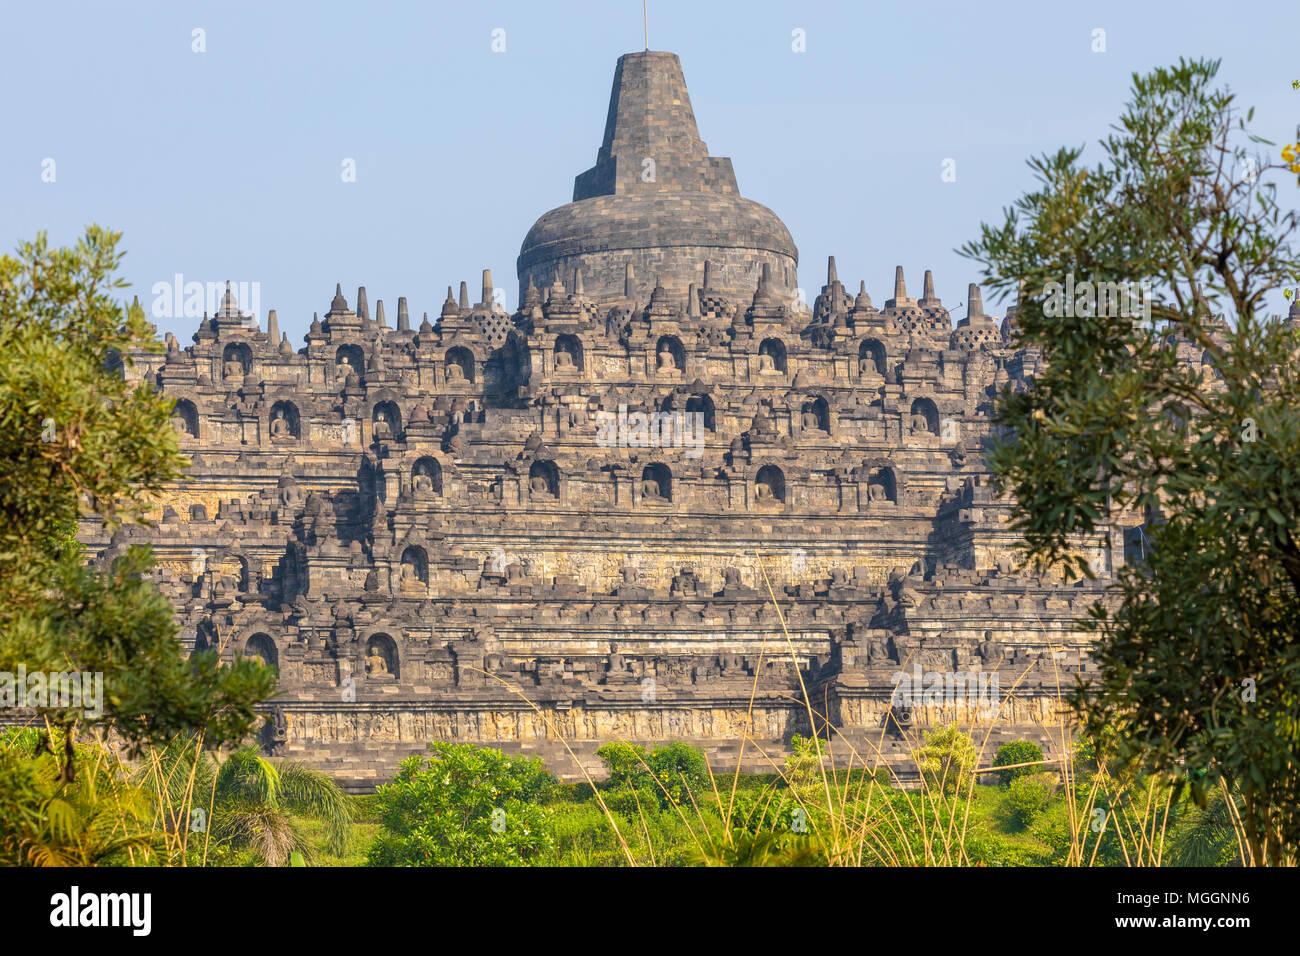 Borobudur Buddhist Temple, Java, Indonesia - Stock Image